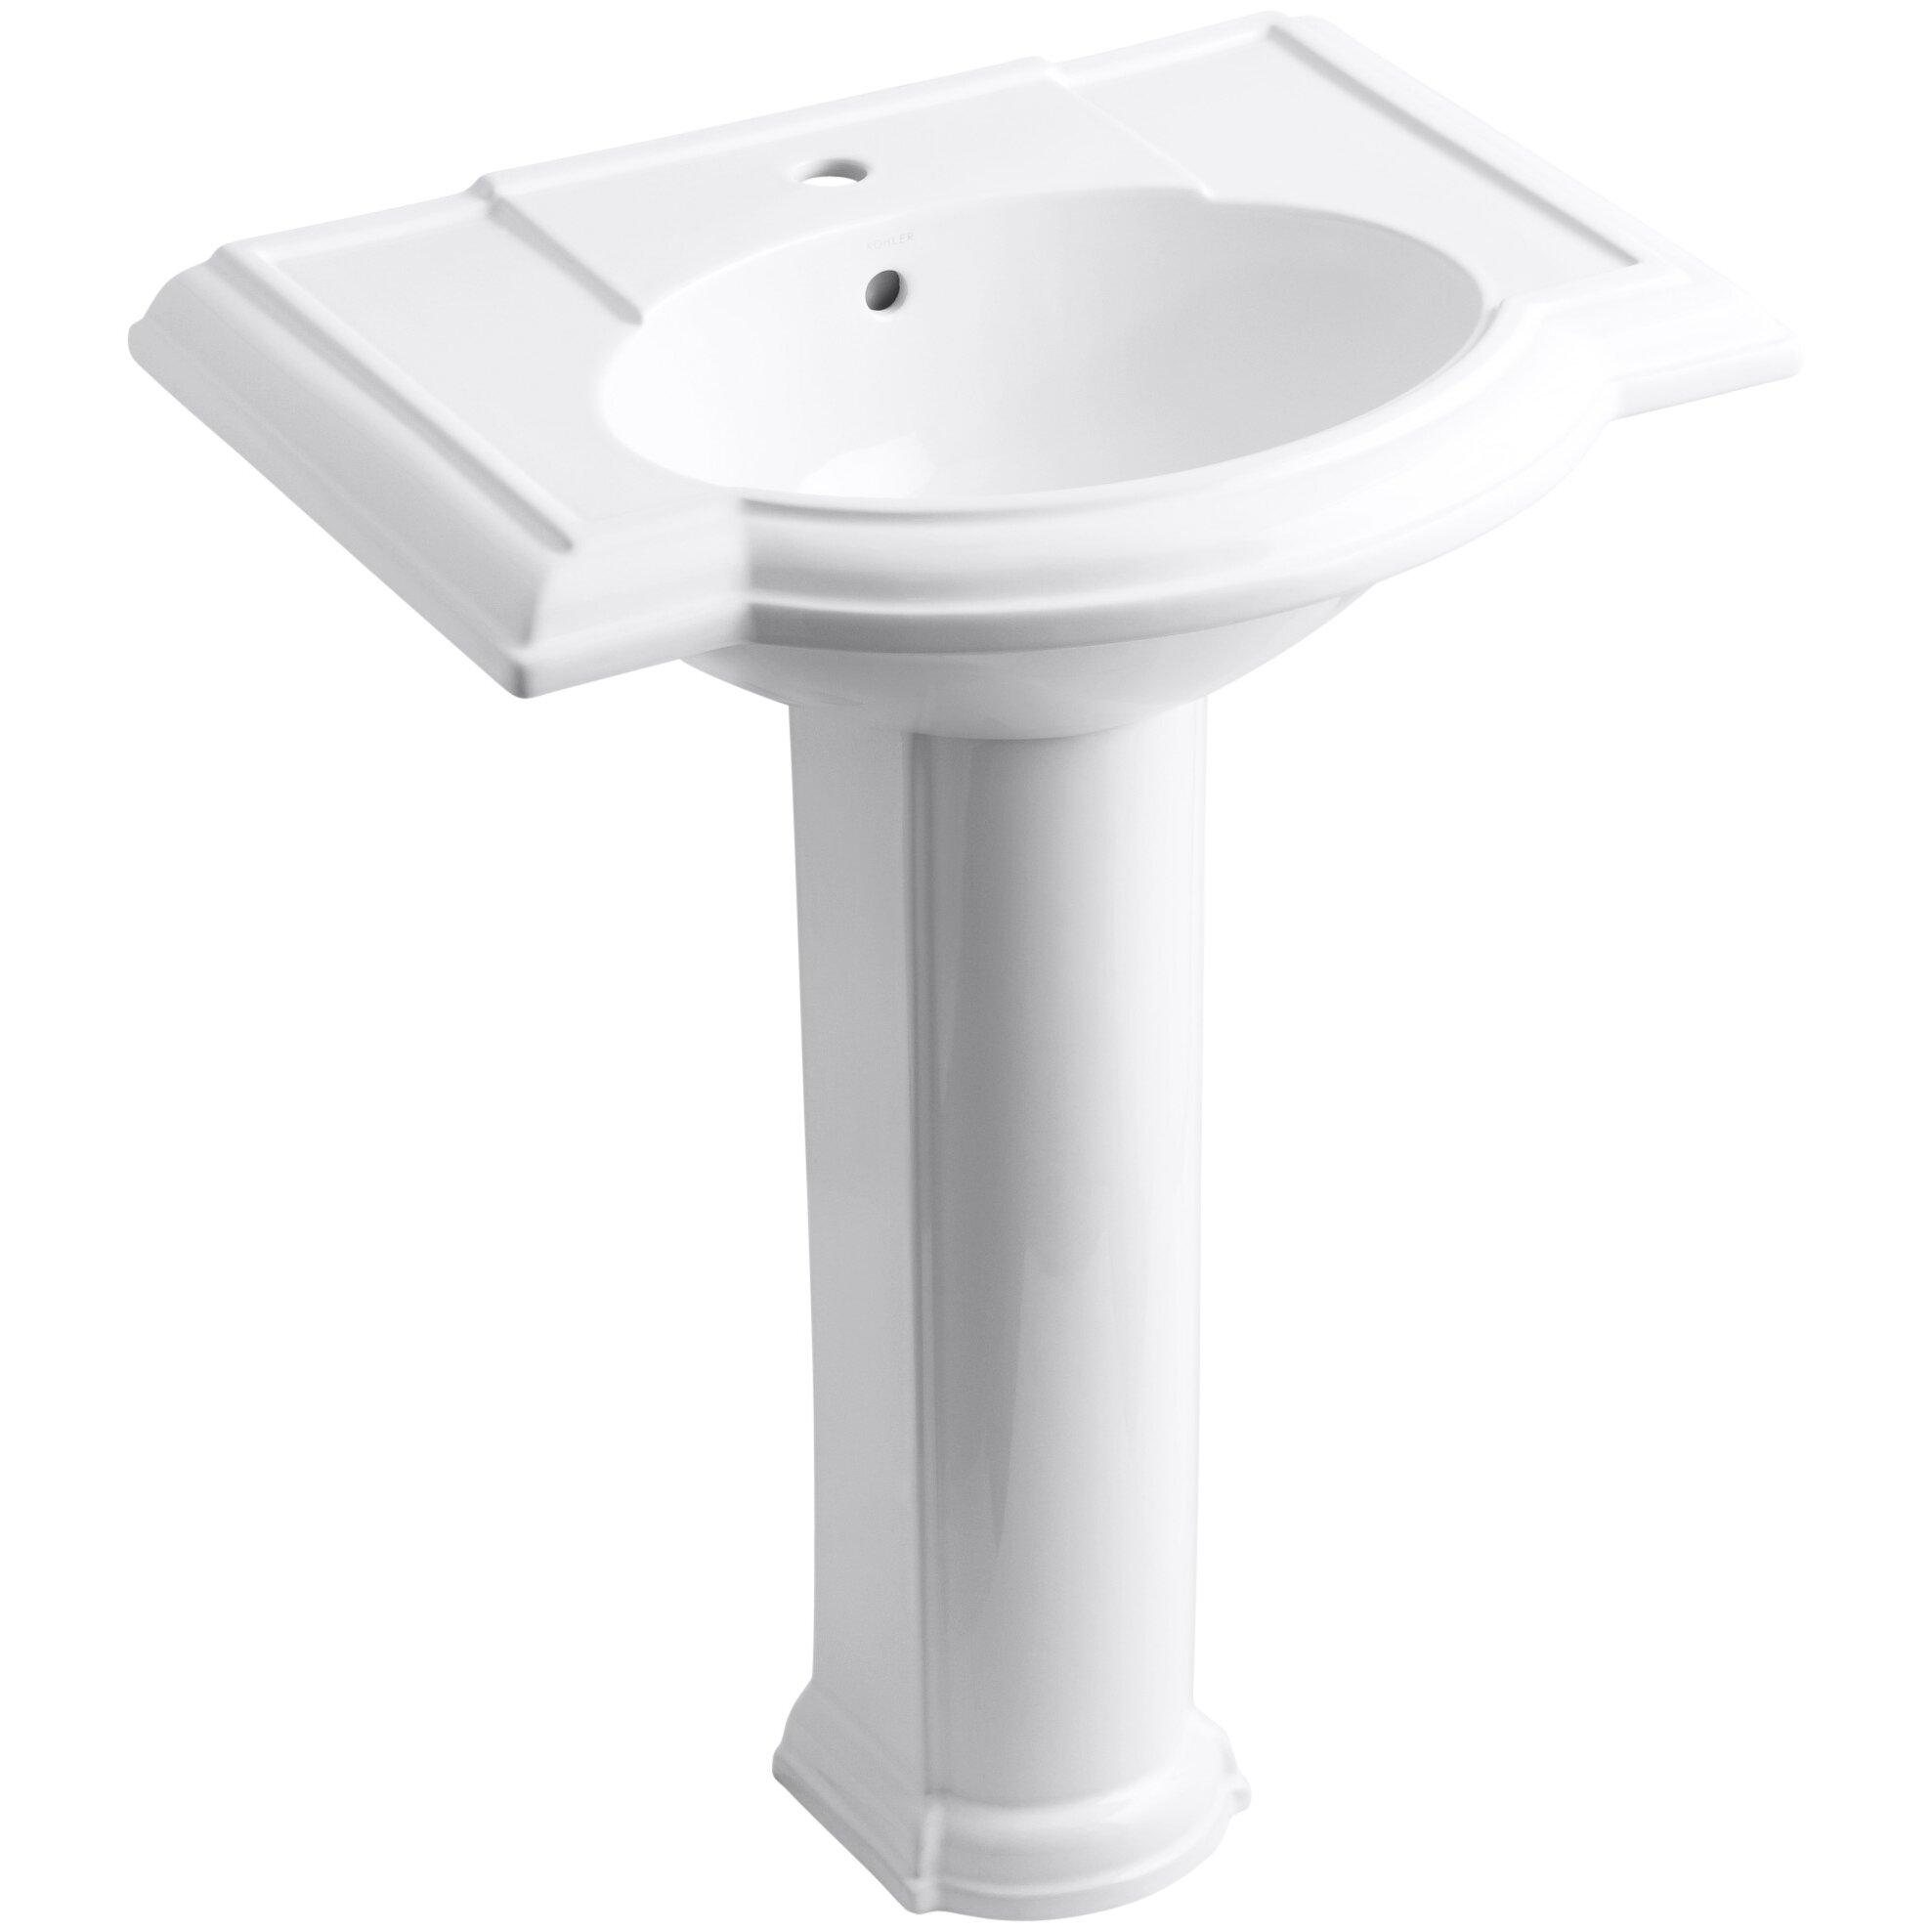 Kohler Devonshire 27 Pedestal Bathroom Sink Reviews